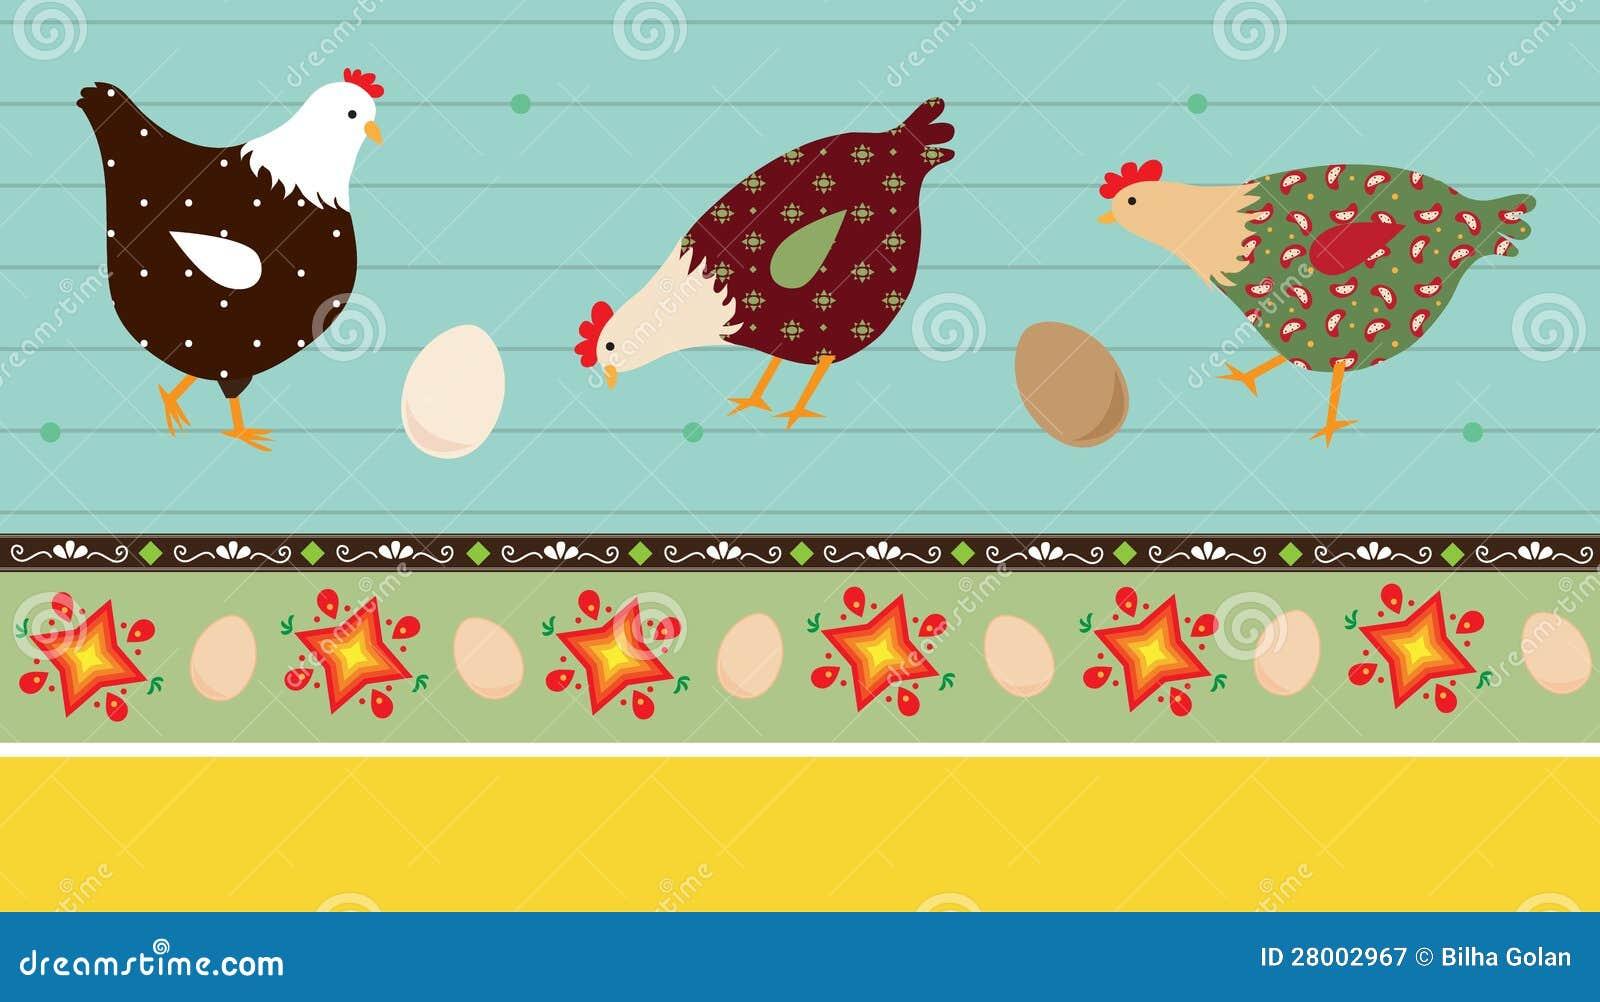 民间艺术鸡